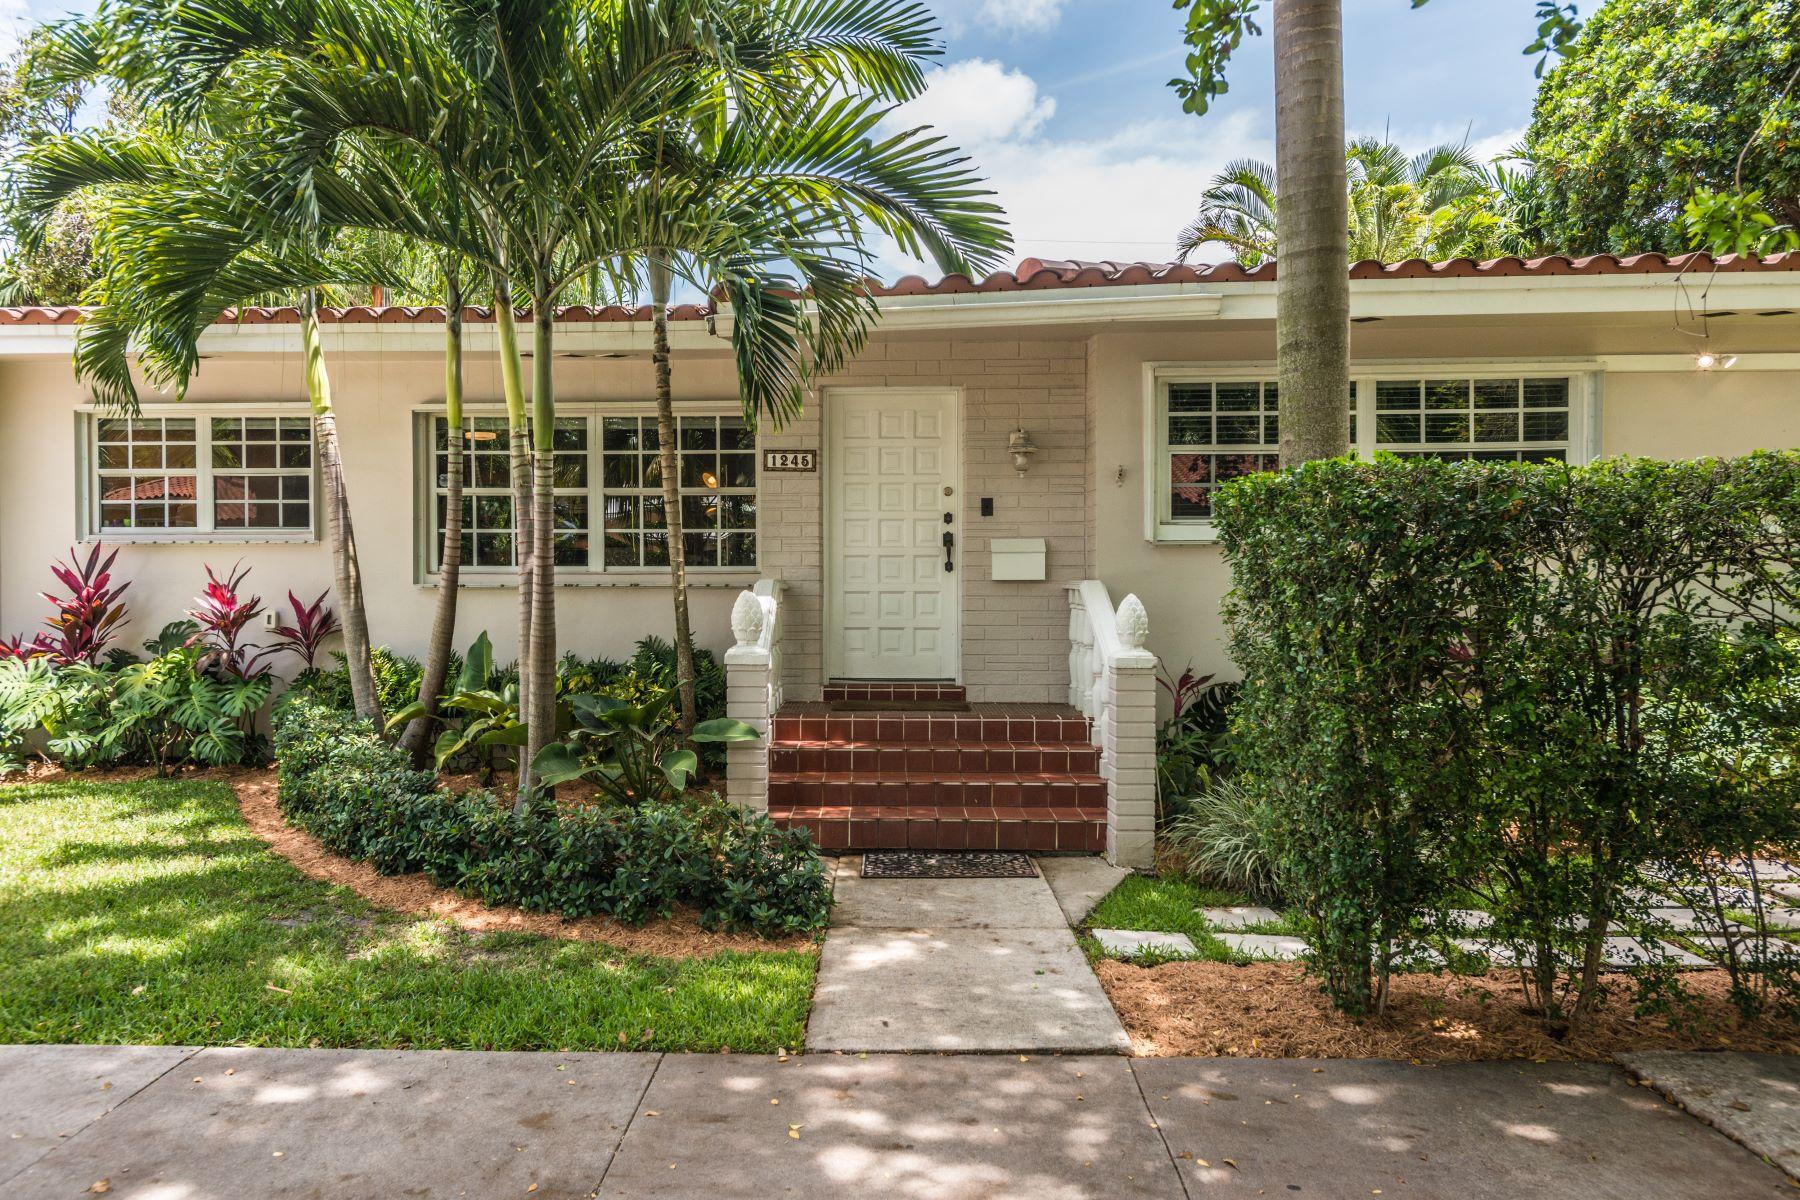 단독 가정 주택 용 매매 에 1245 Ortega Ave Coral Gables, 플로리다, 33134 미국